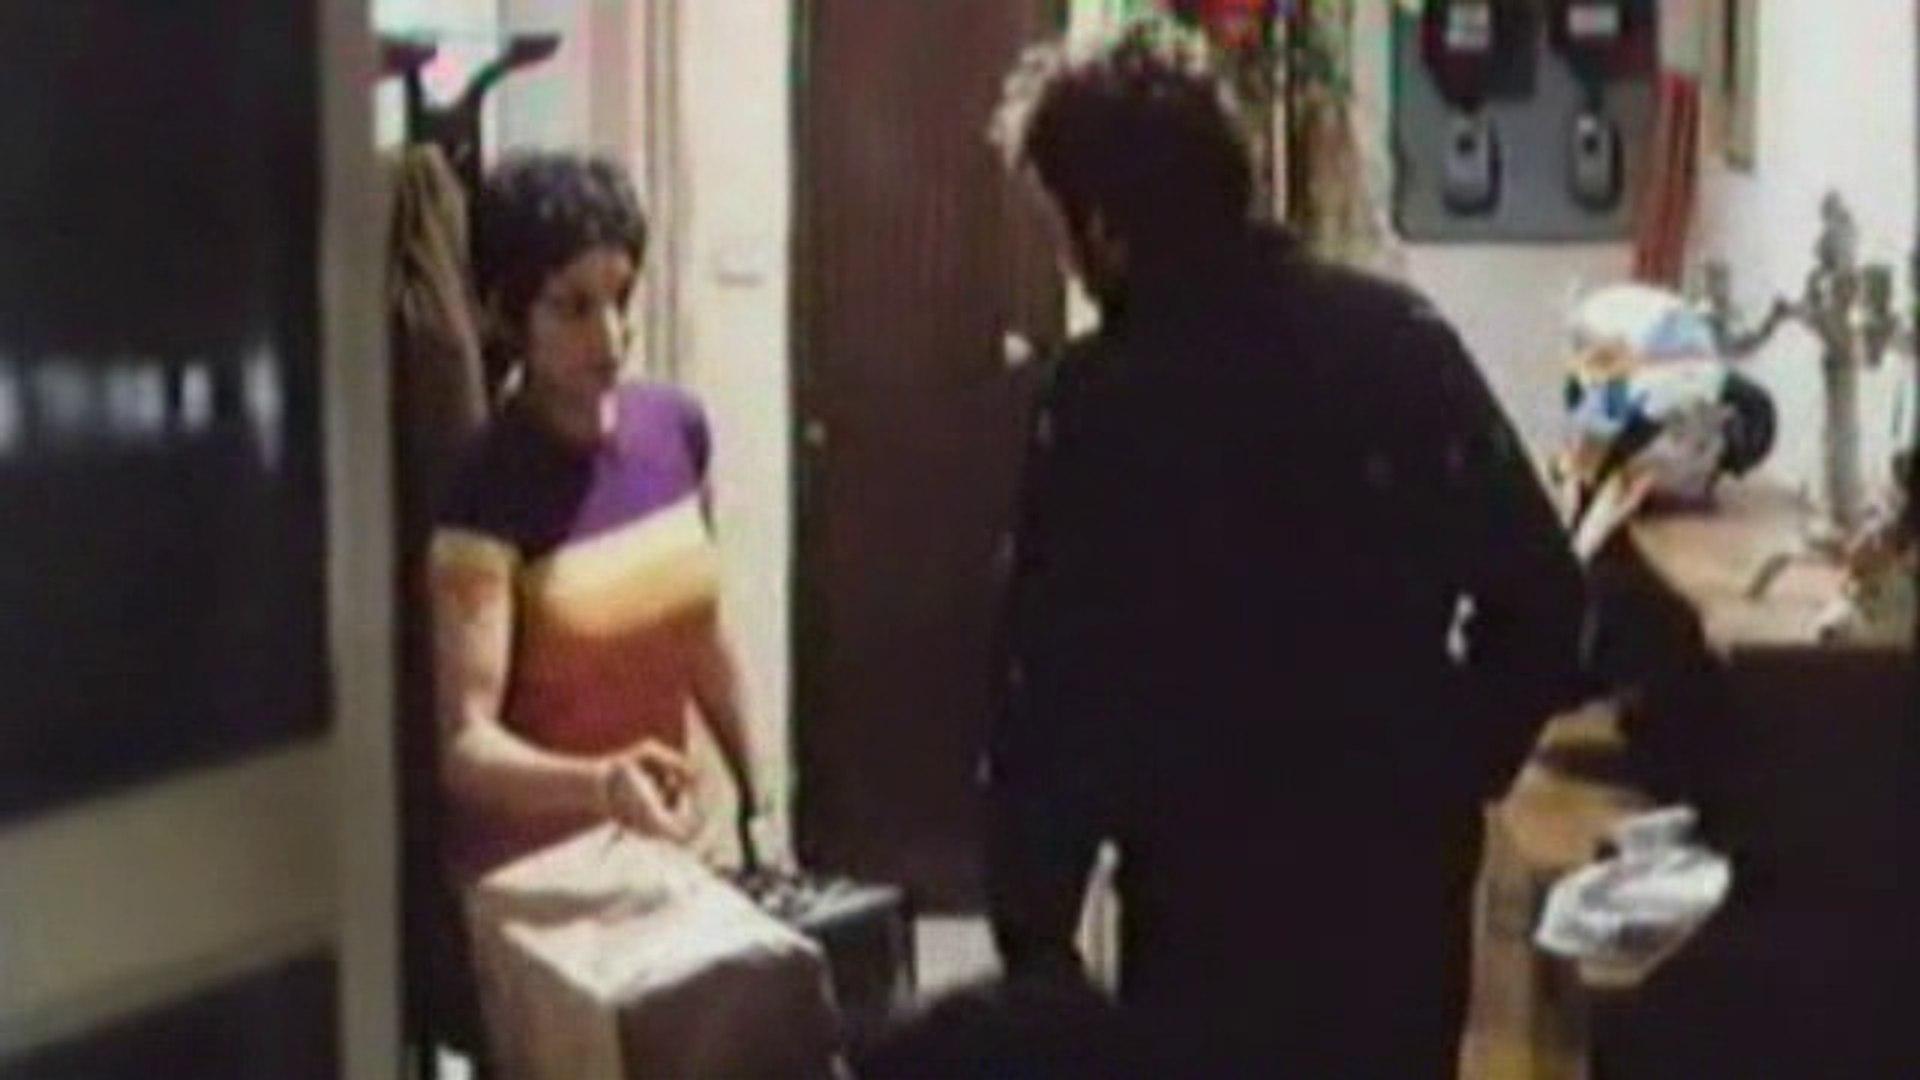 Film sconosciuto di Tinto Brass senza censura! Chi sa il titolo 4T